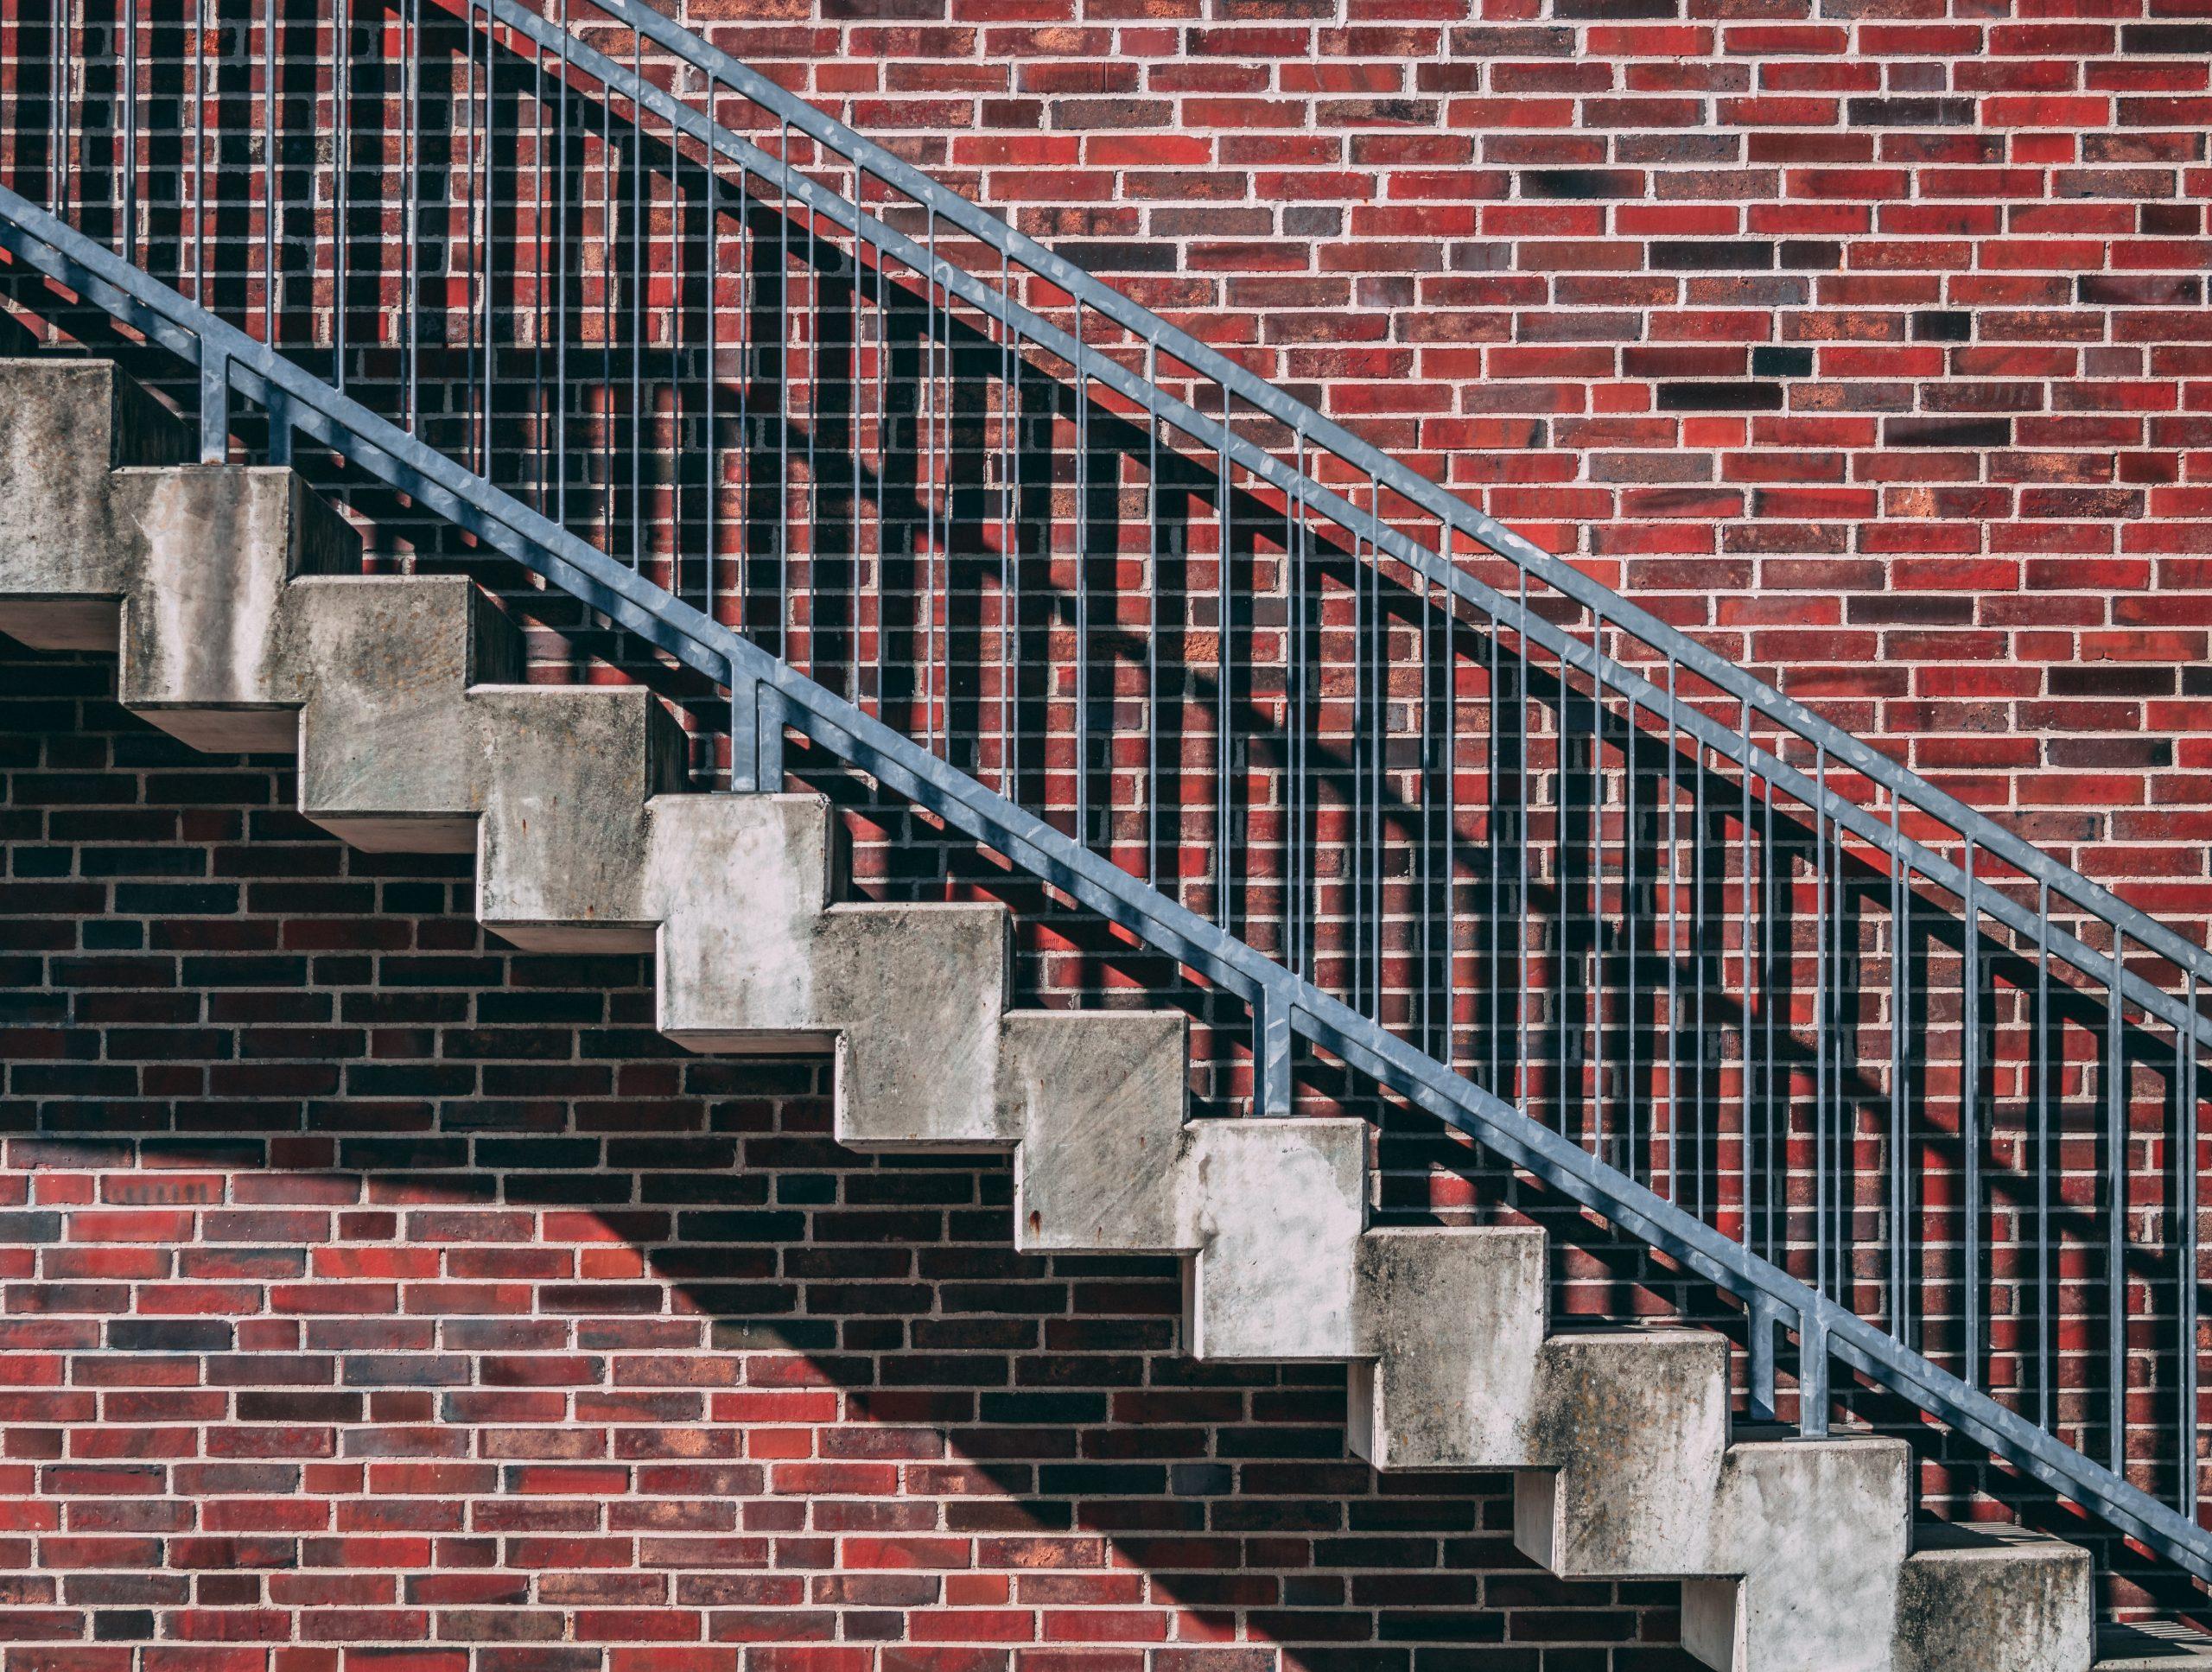 gray metal stair beside red brick wall